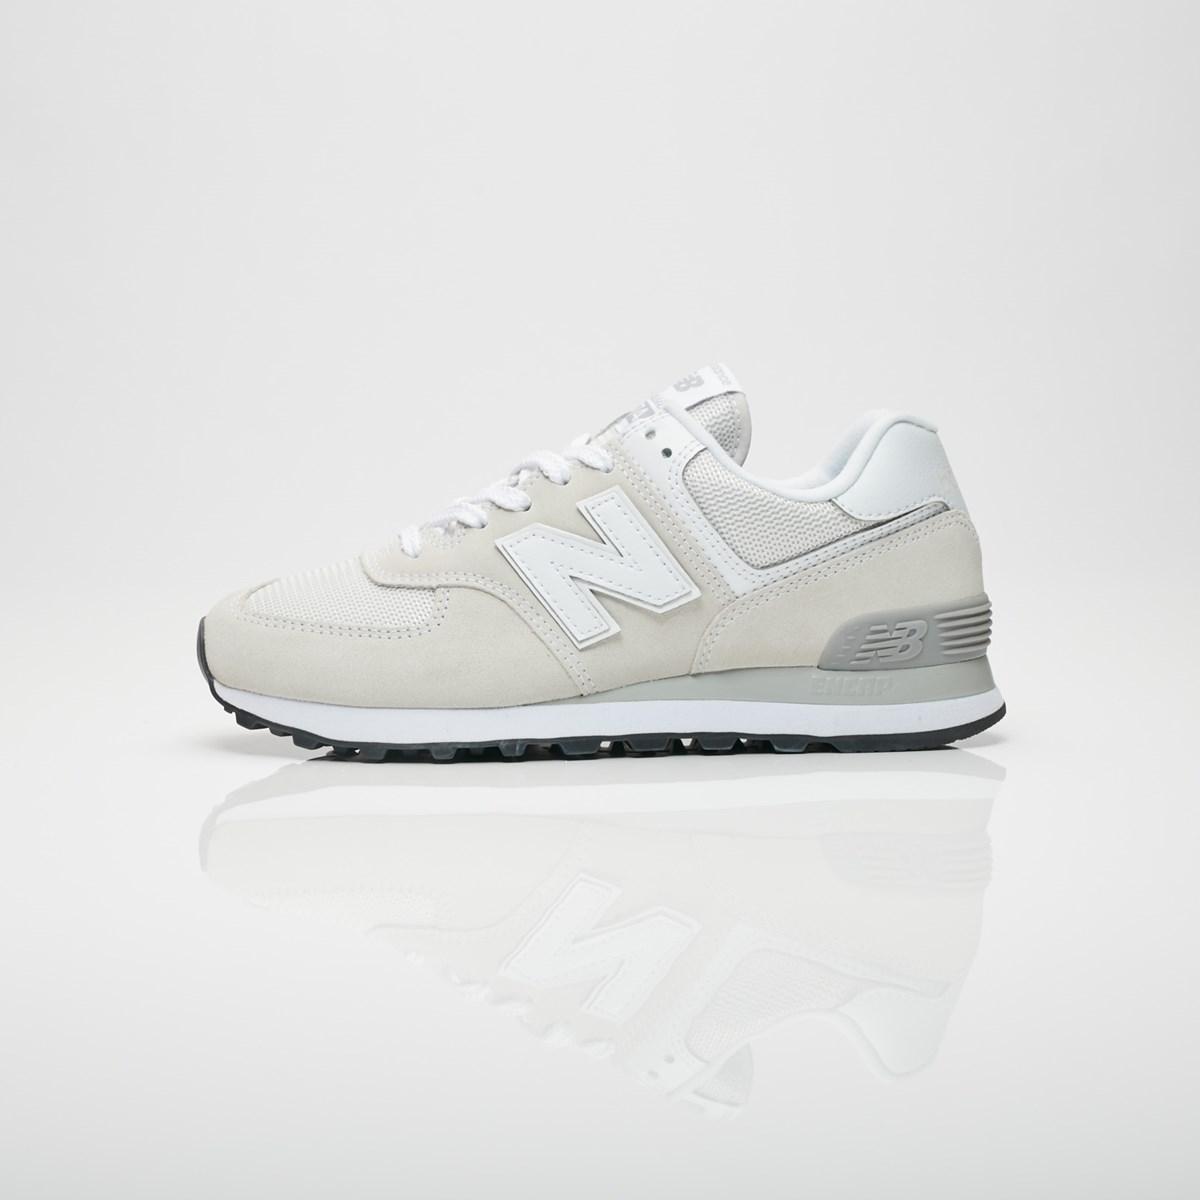 New Balance WL574 - Wl574ew - SNS | sneakers & streetwear online since 1999